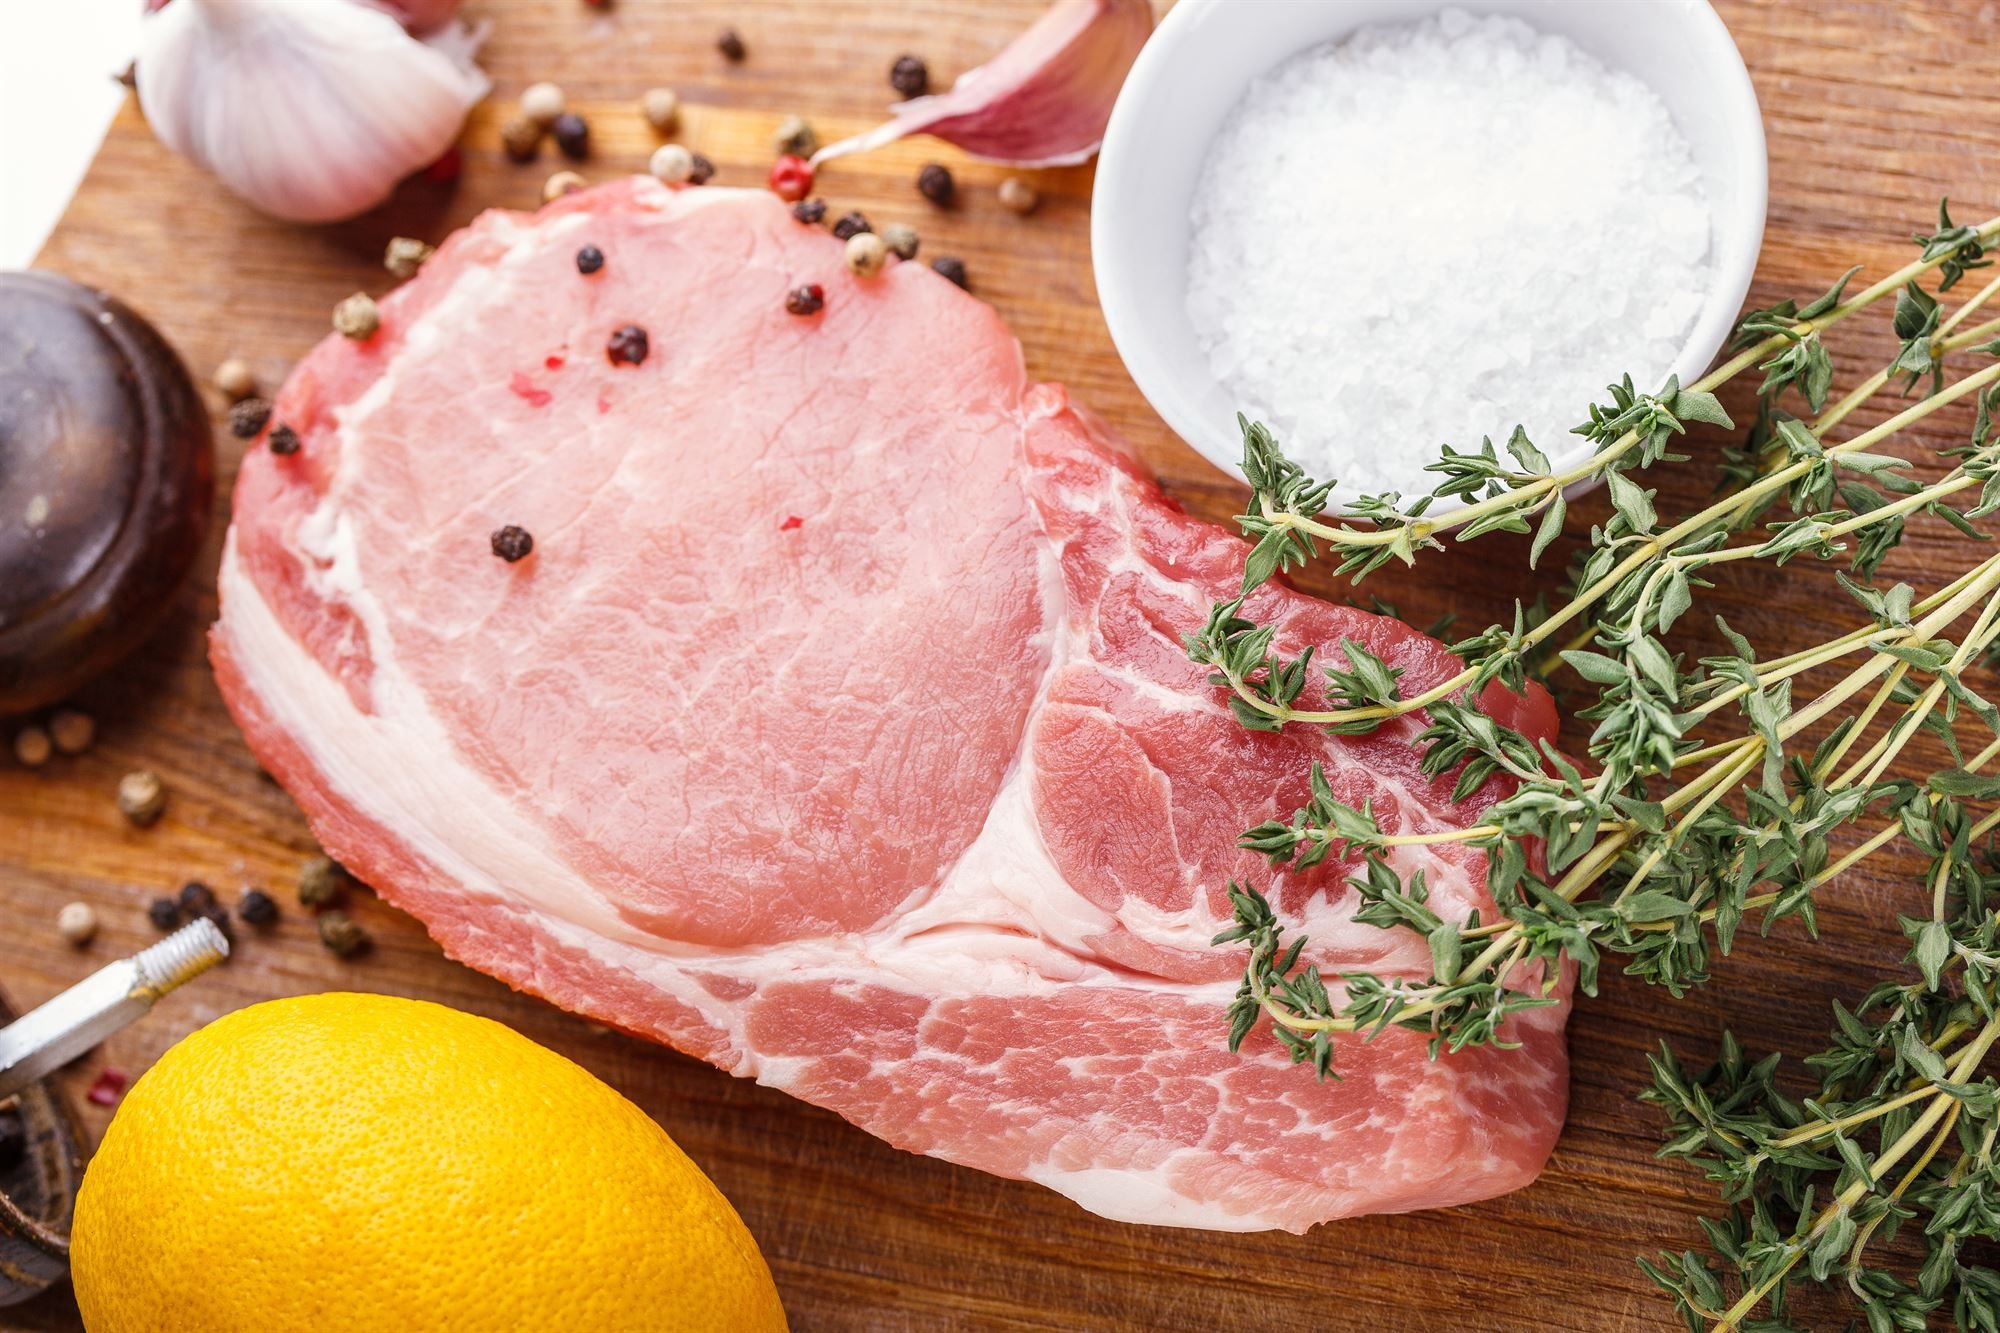 Svinekoteletter med citron-timiansauce